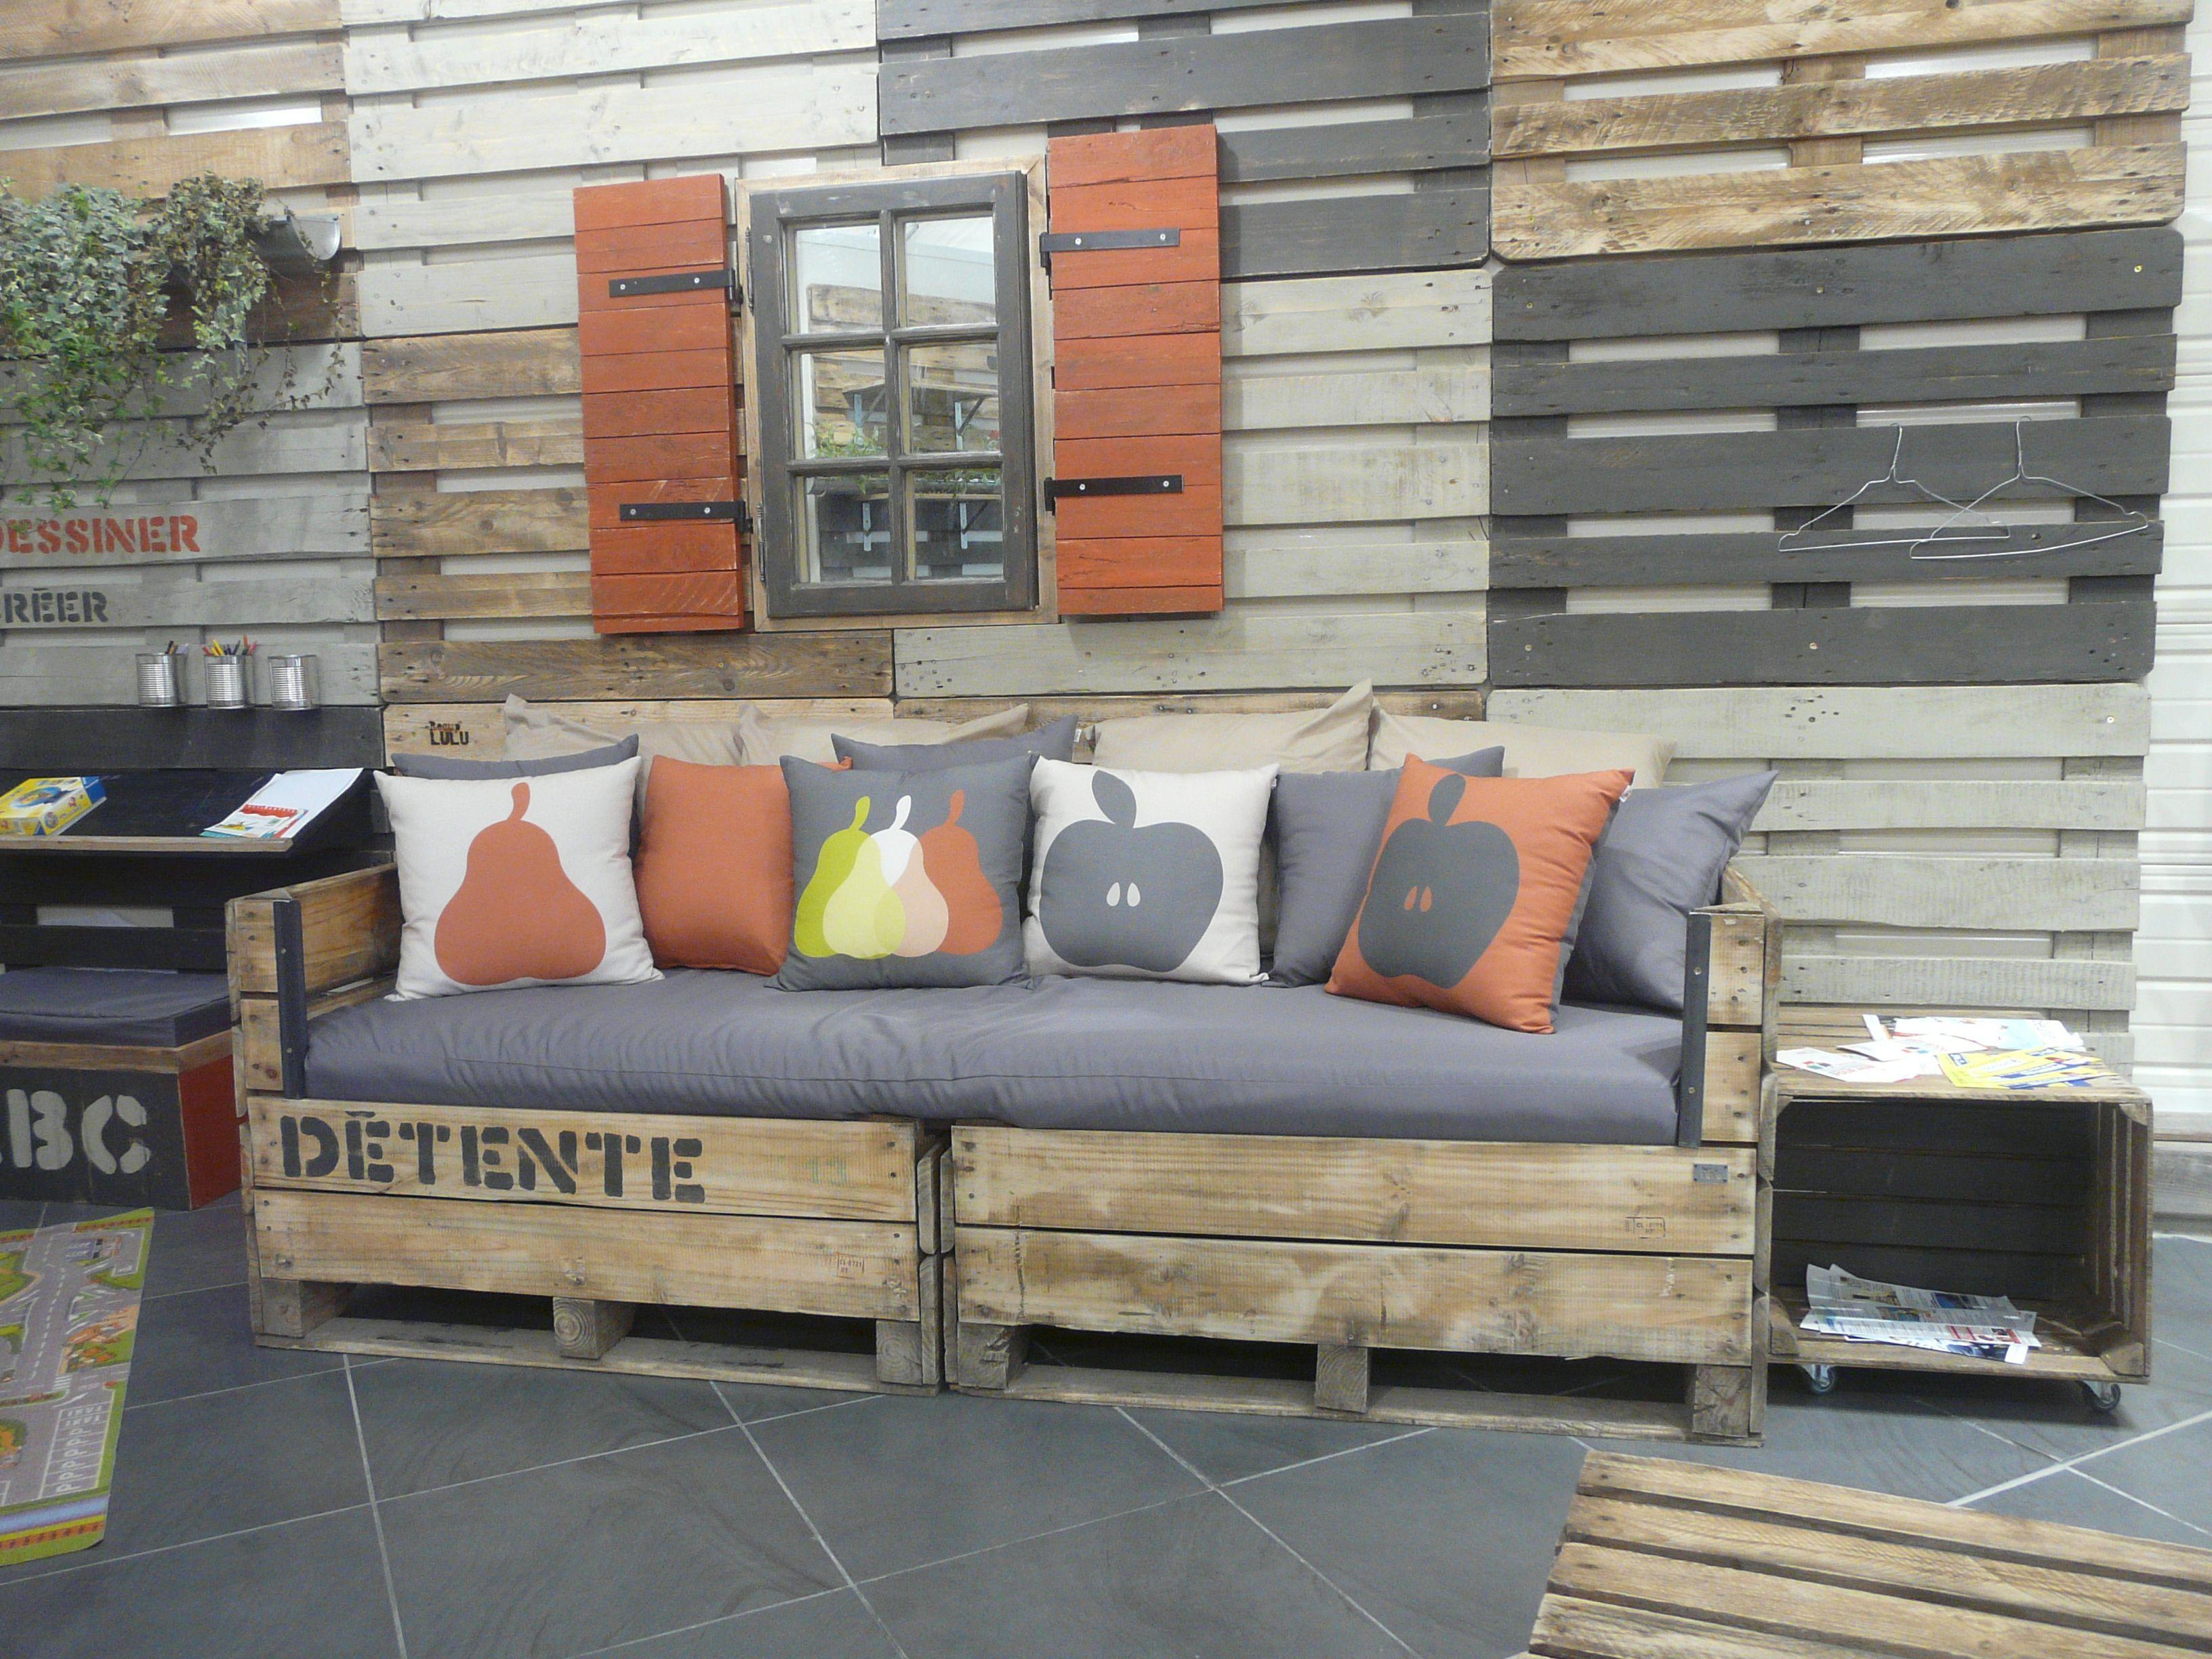 banquette cr e pour un magasin bio tissu des coussins. Black Bedroom Furniture Sets. Home Design Ideas